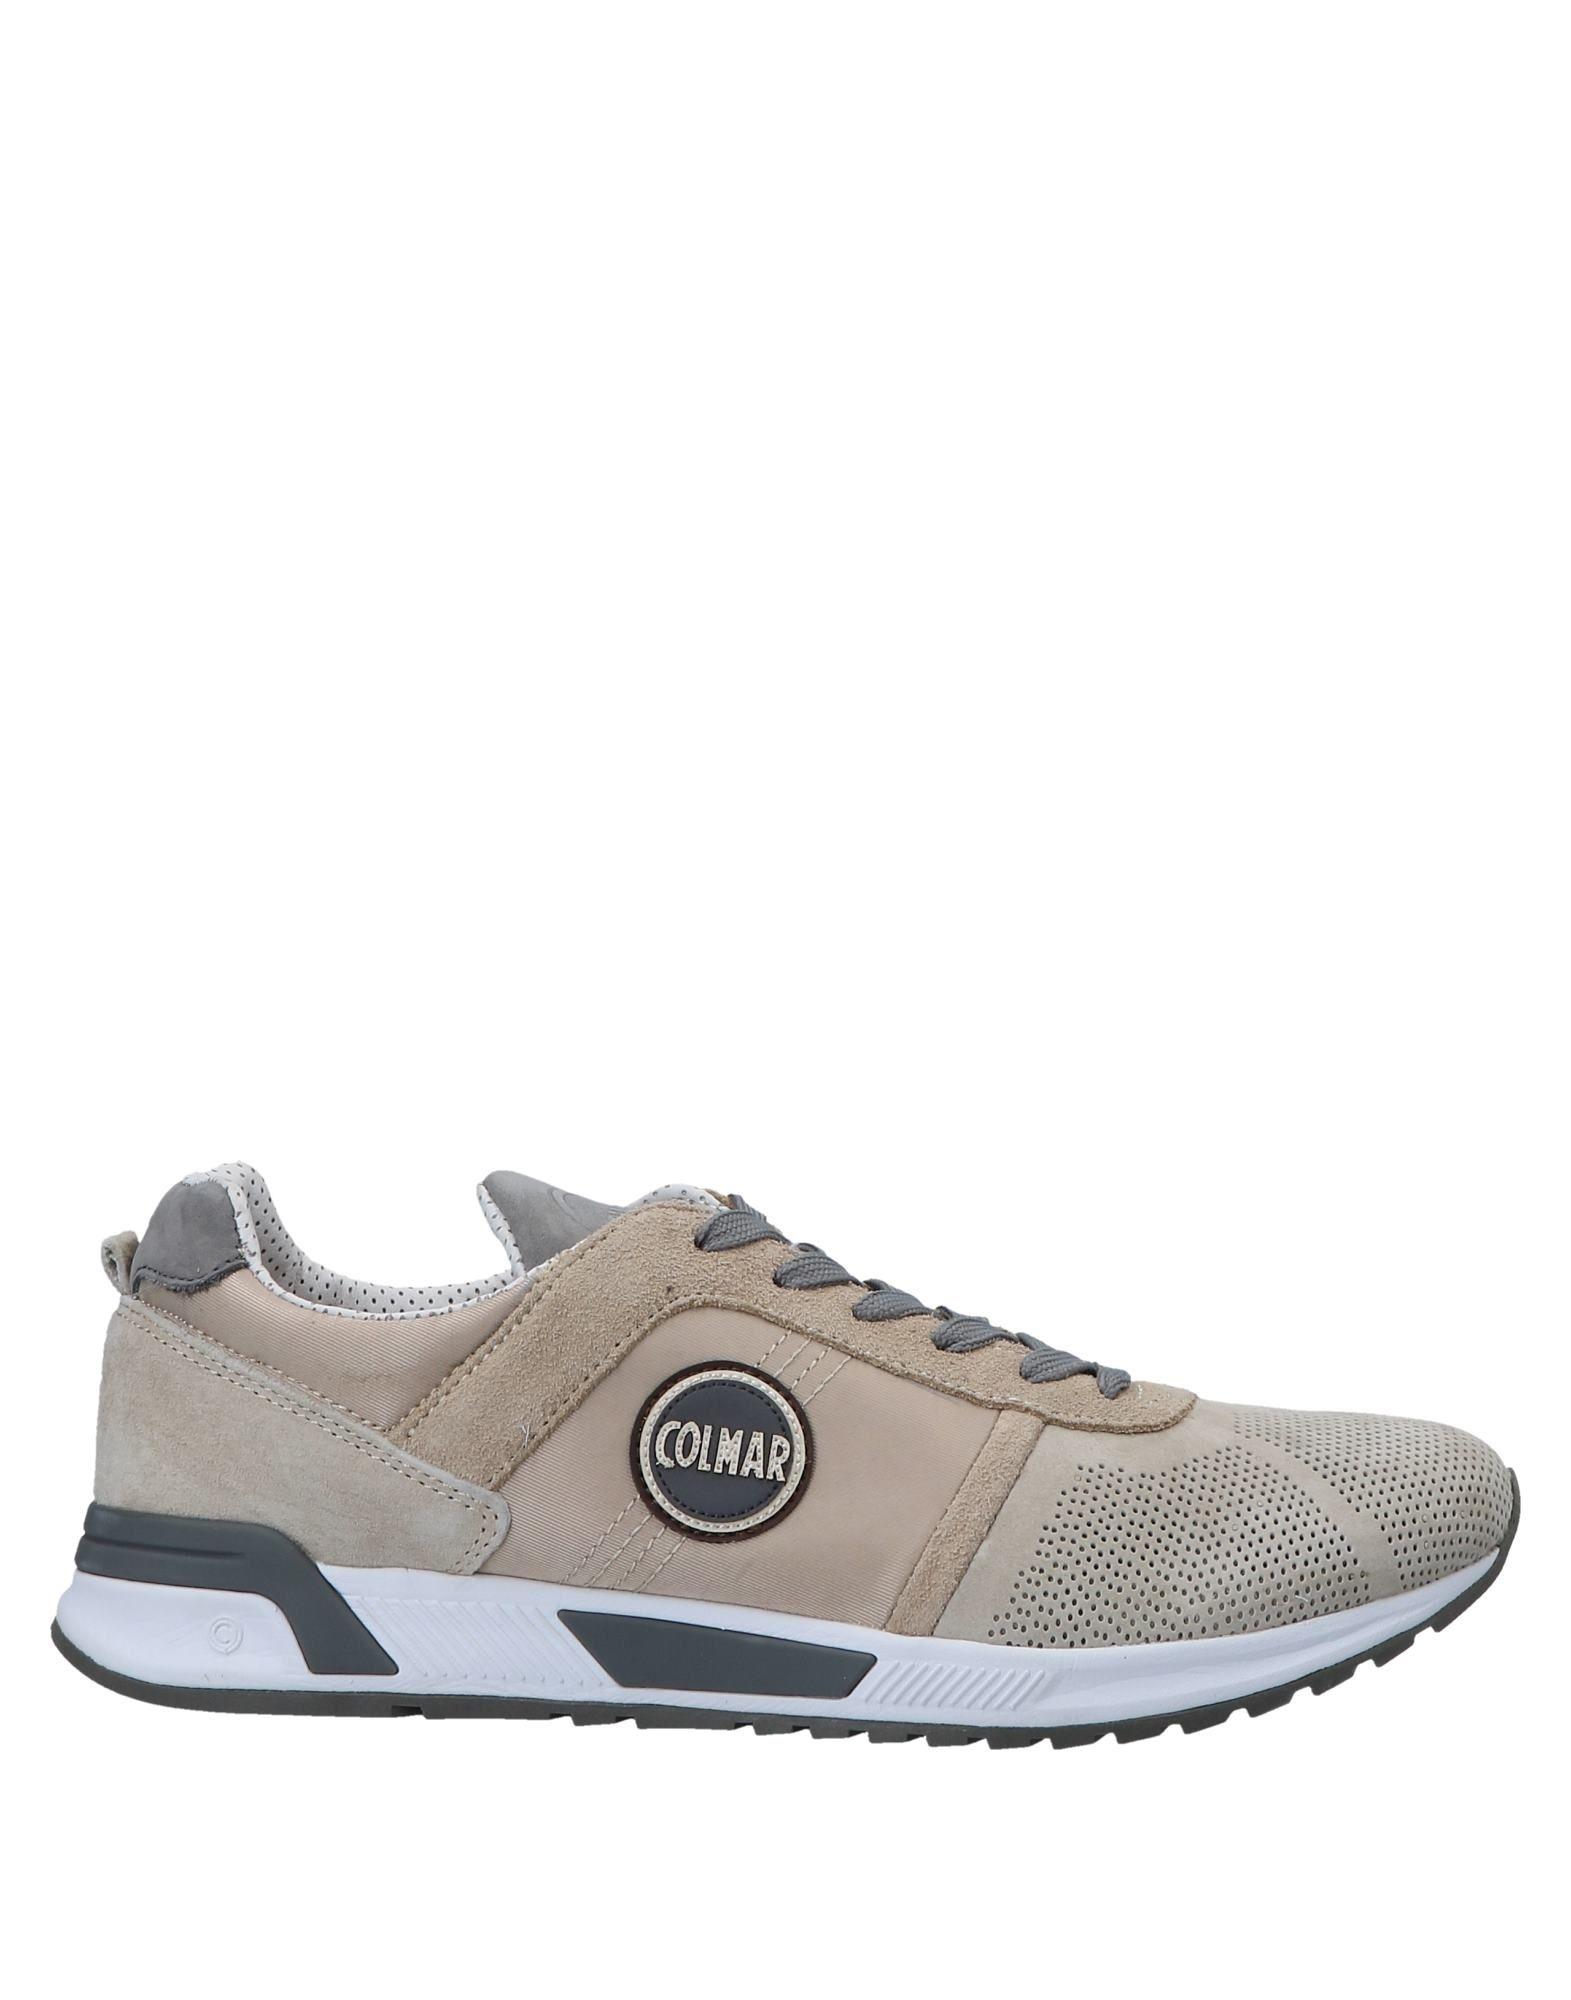 Colmar Sneakers - Men Colmar Sneakers online on 11552952WO  United Kingdom - 11552952WO on 9f3617